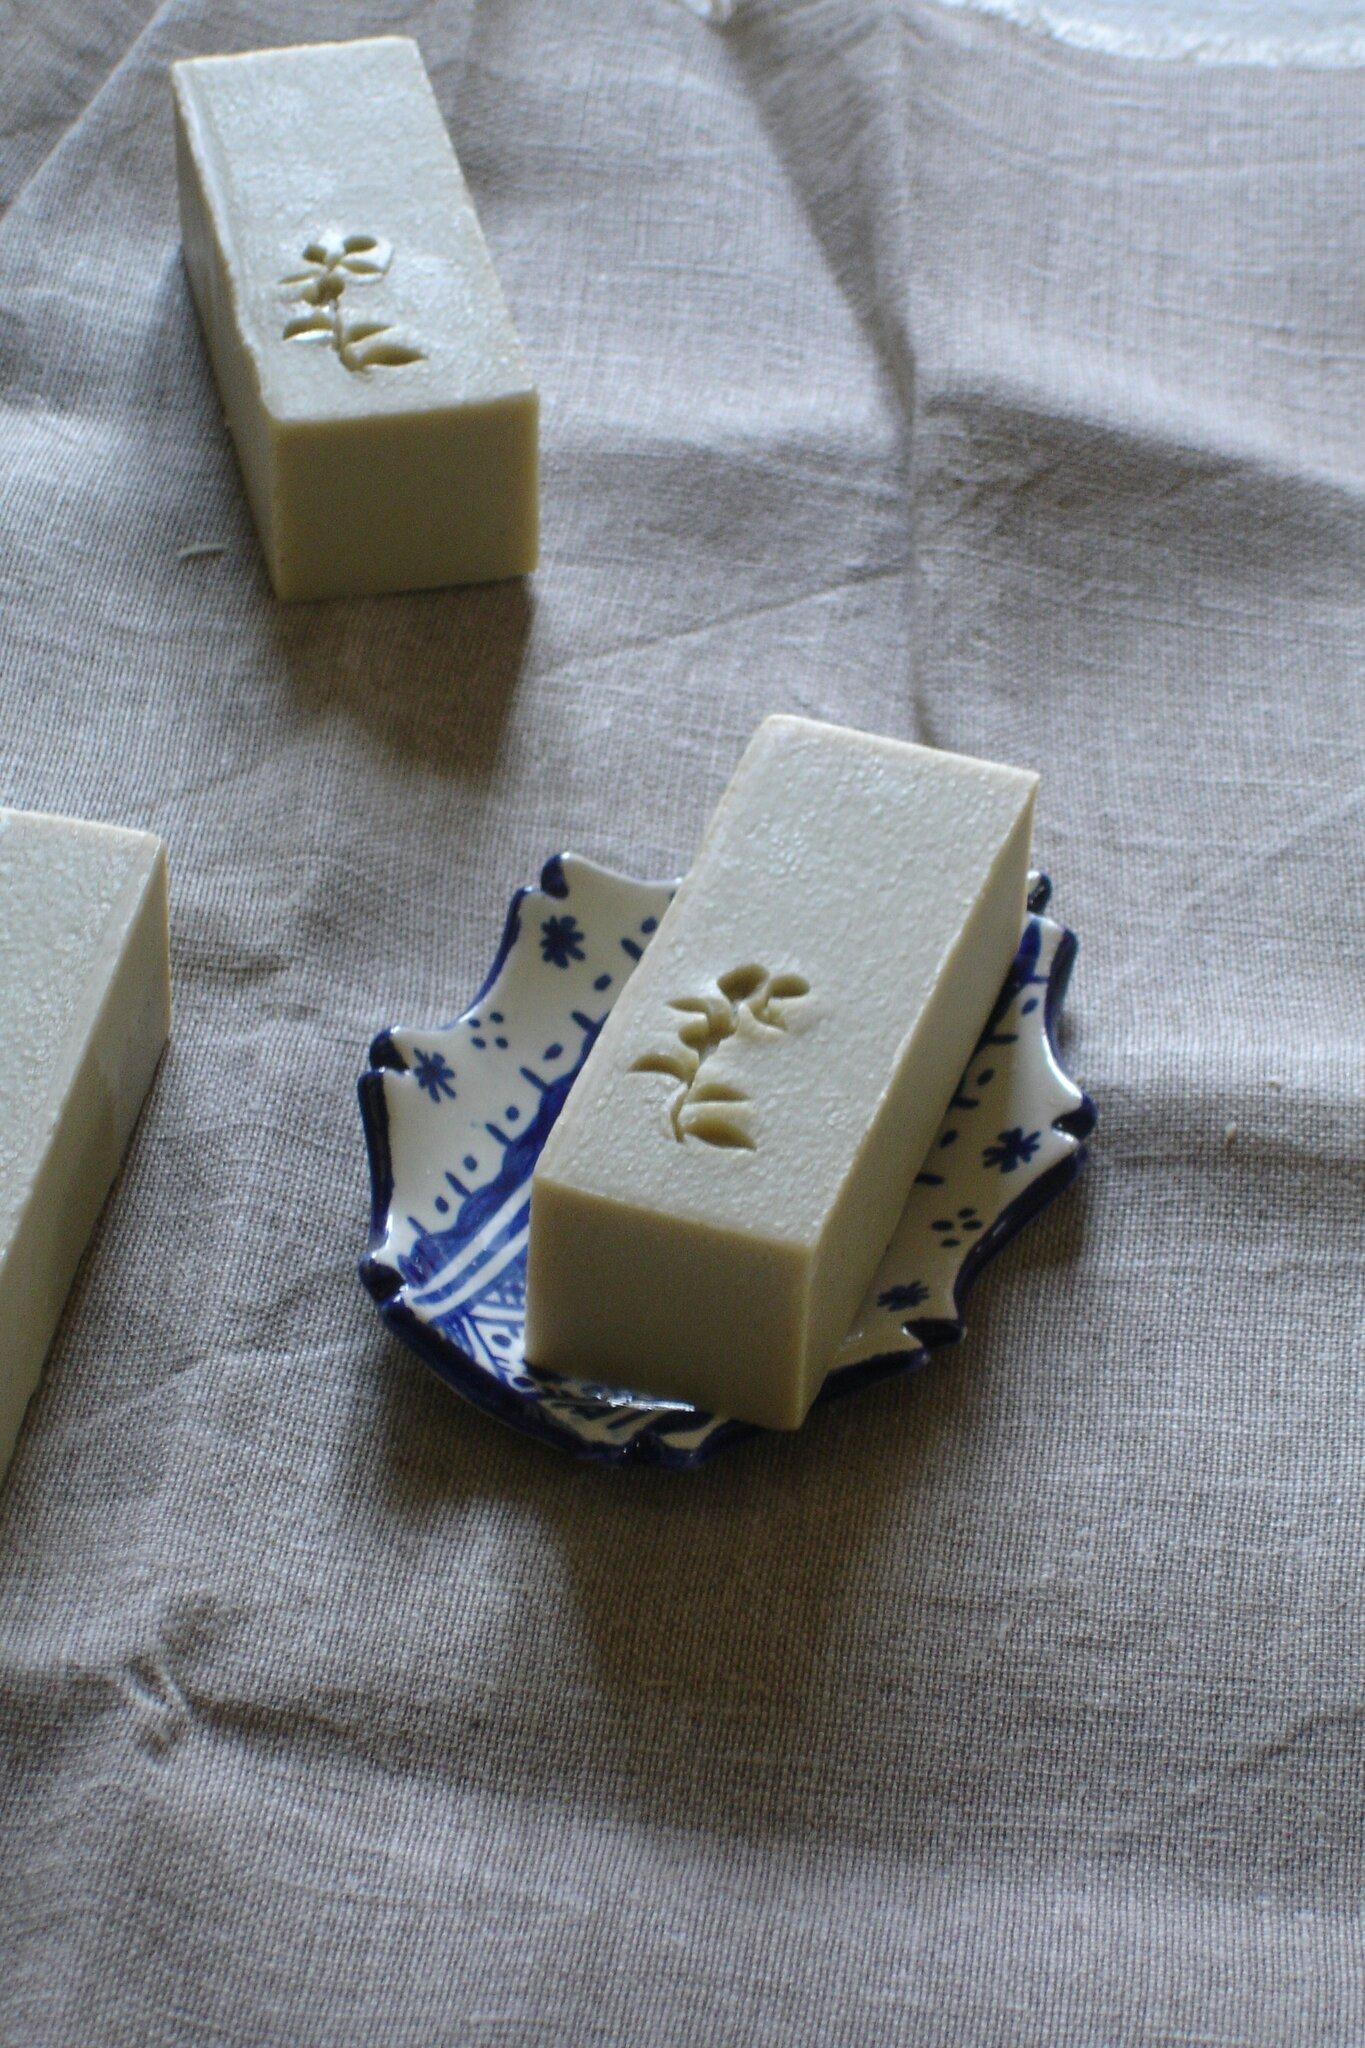 le savon de castille pour apr s demain potions et chaudron recettes de cosm tiques naturels. Black Bedroom Furniture Sets. Home Design Ideas